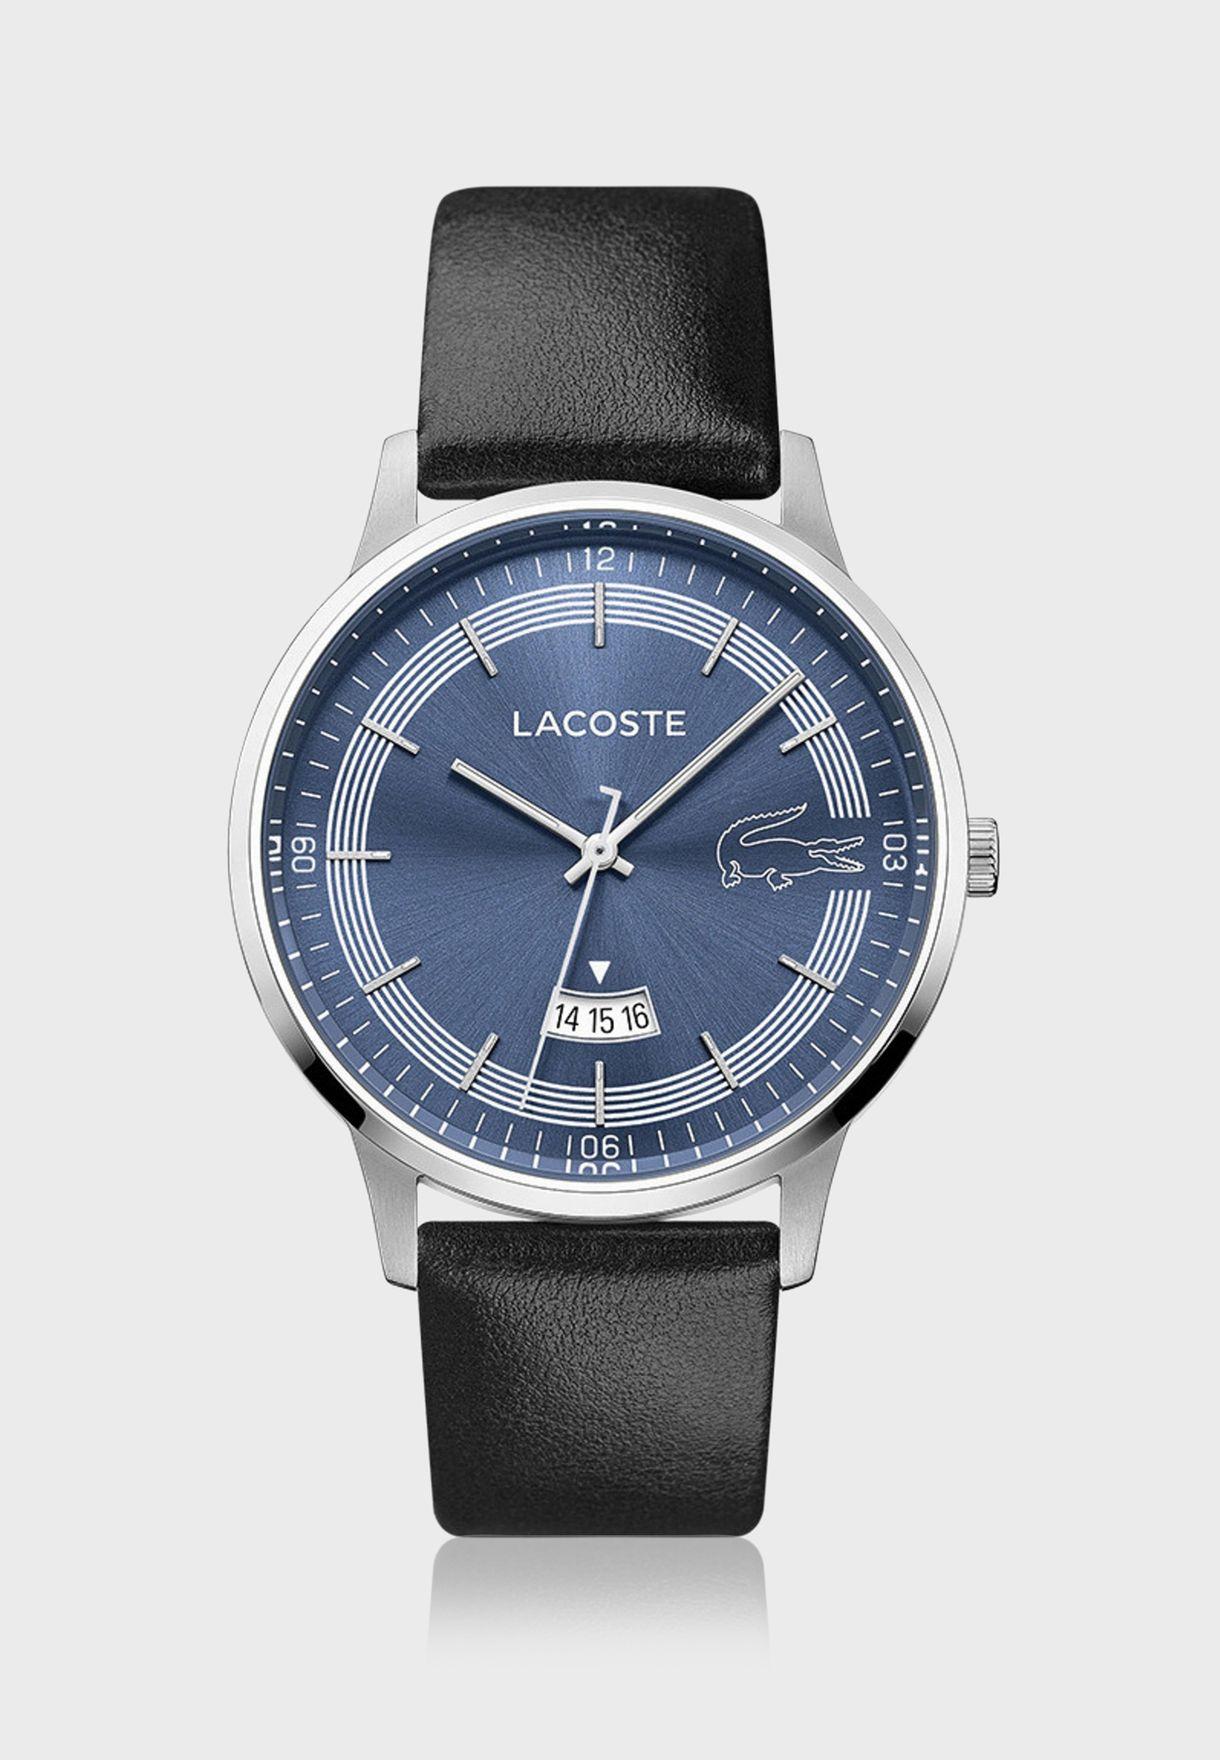 ساعة لاكوست مدريد بسوار جلدي للرجال - 2011034